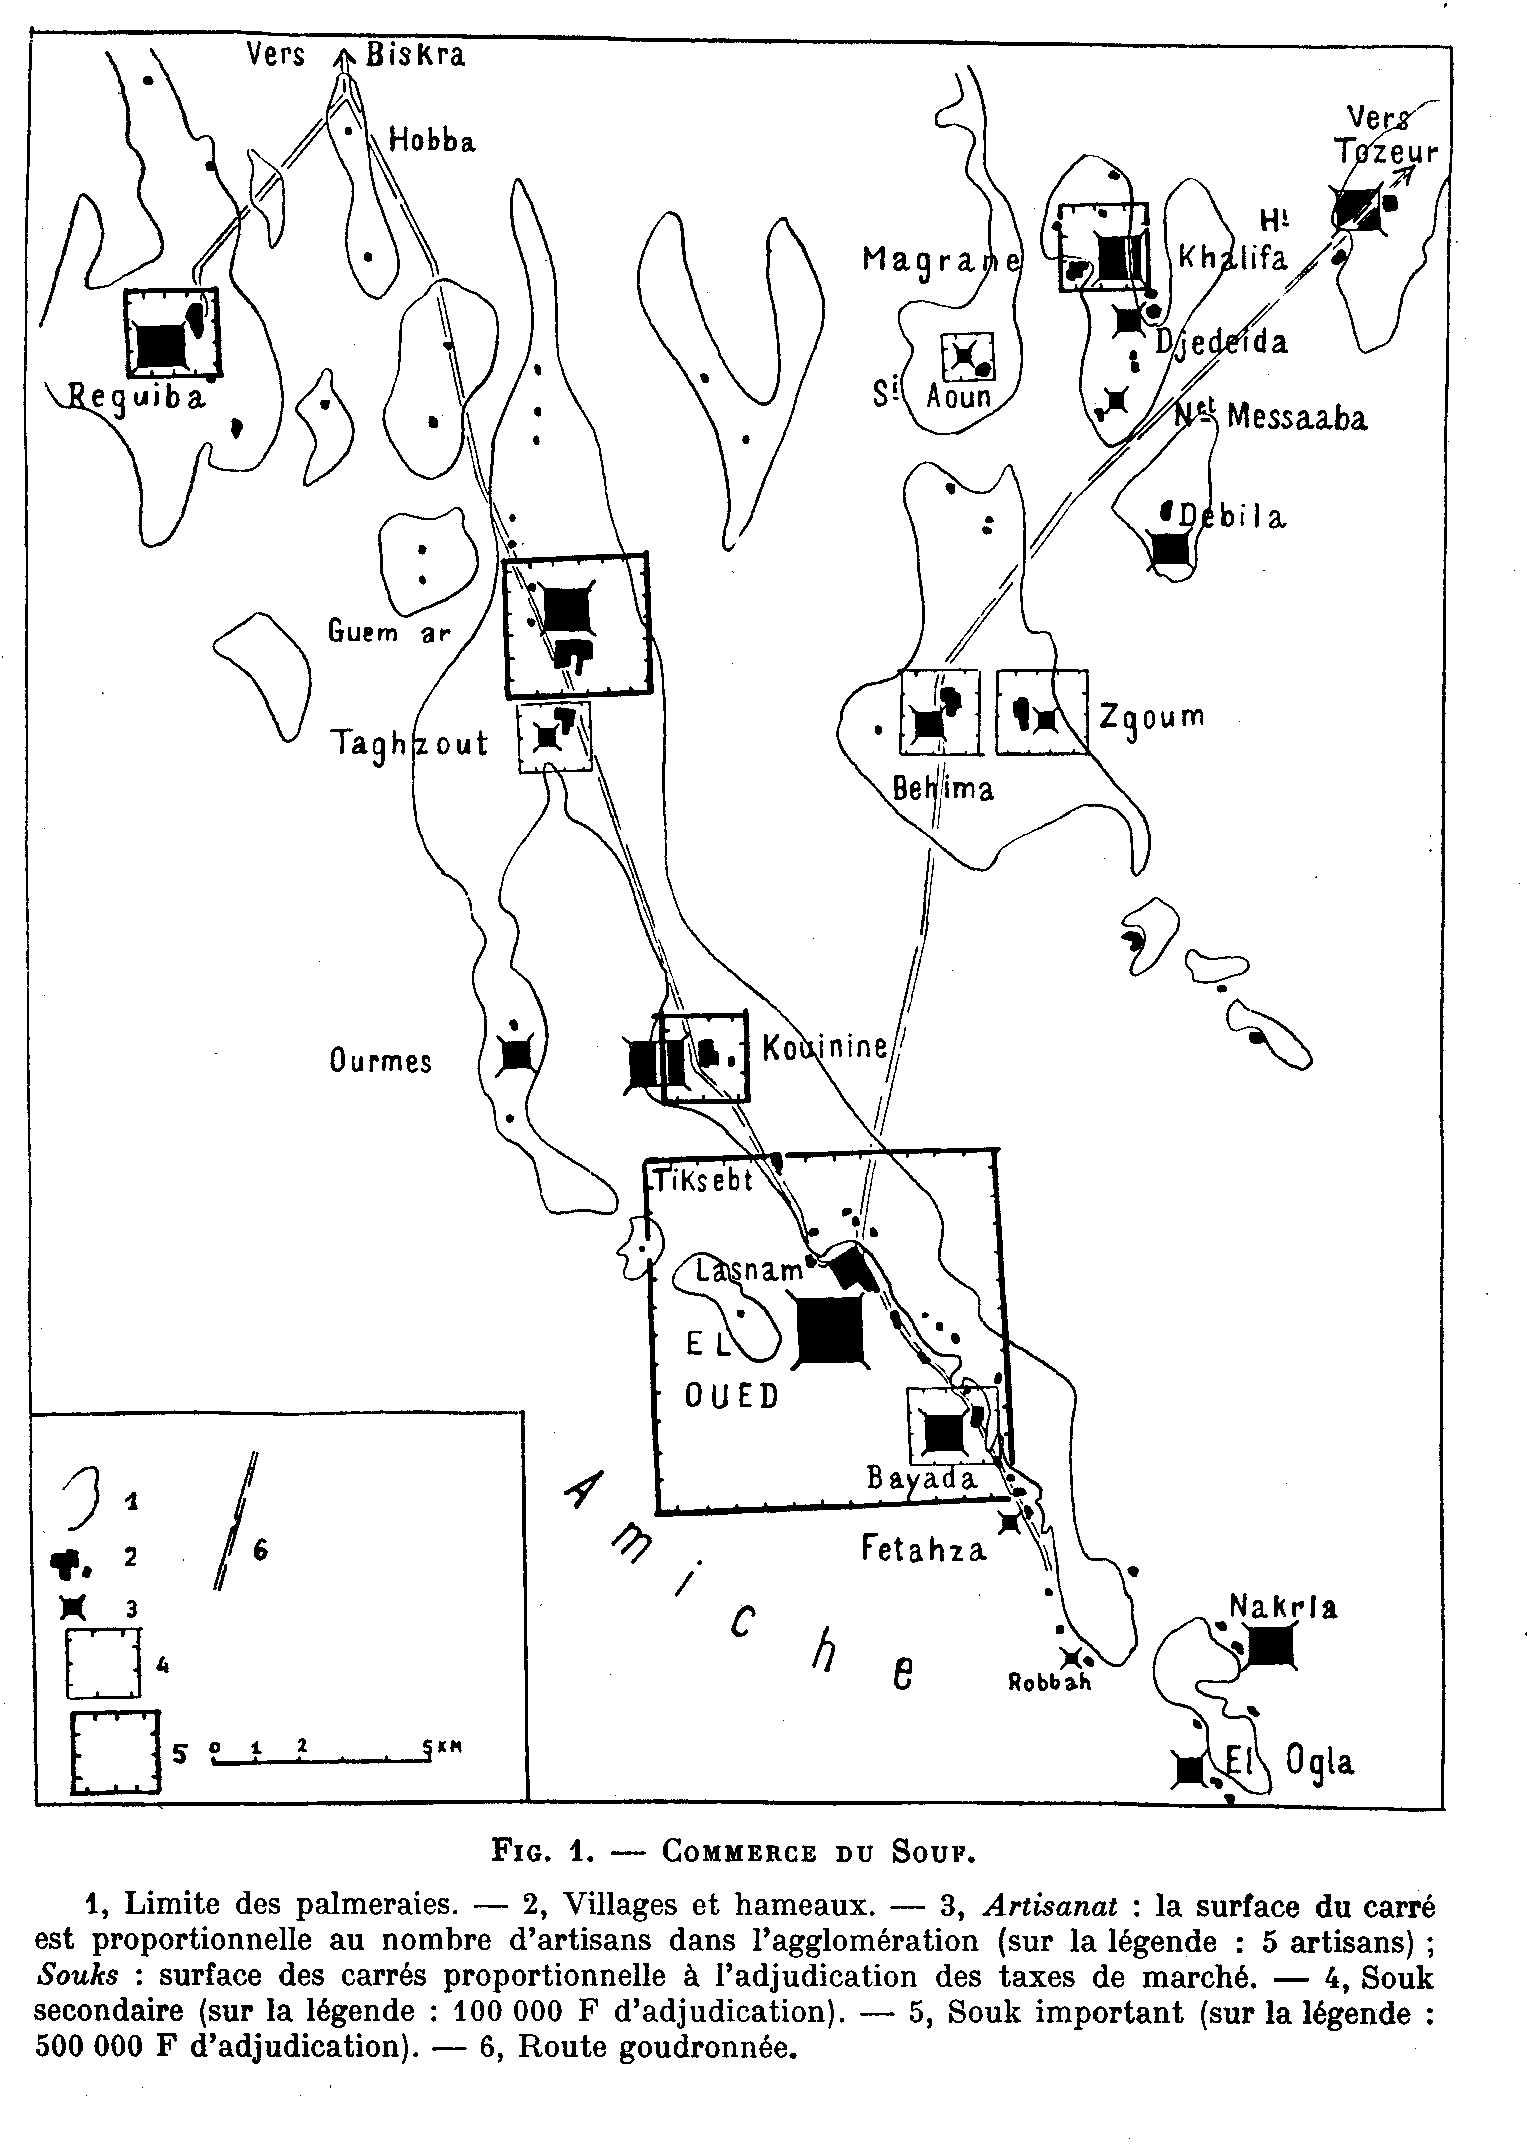 réseaux commerciaux au Souf en 1960